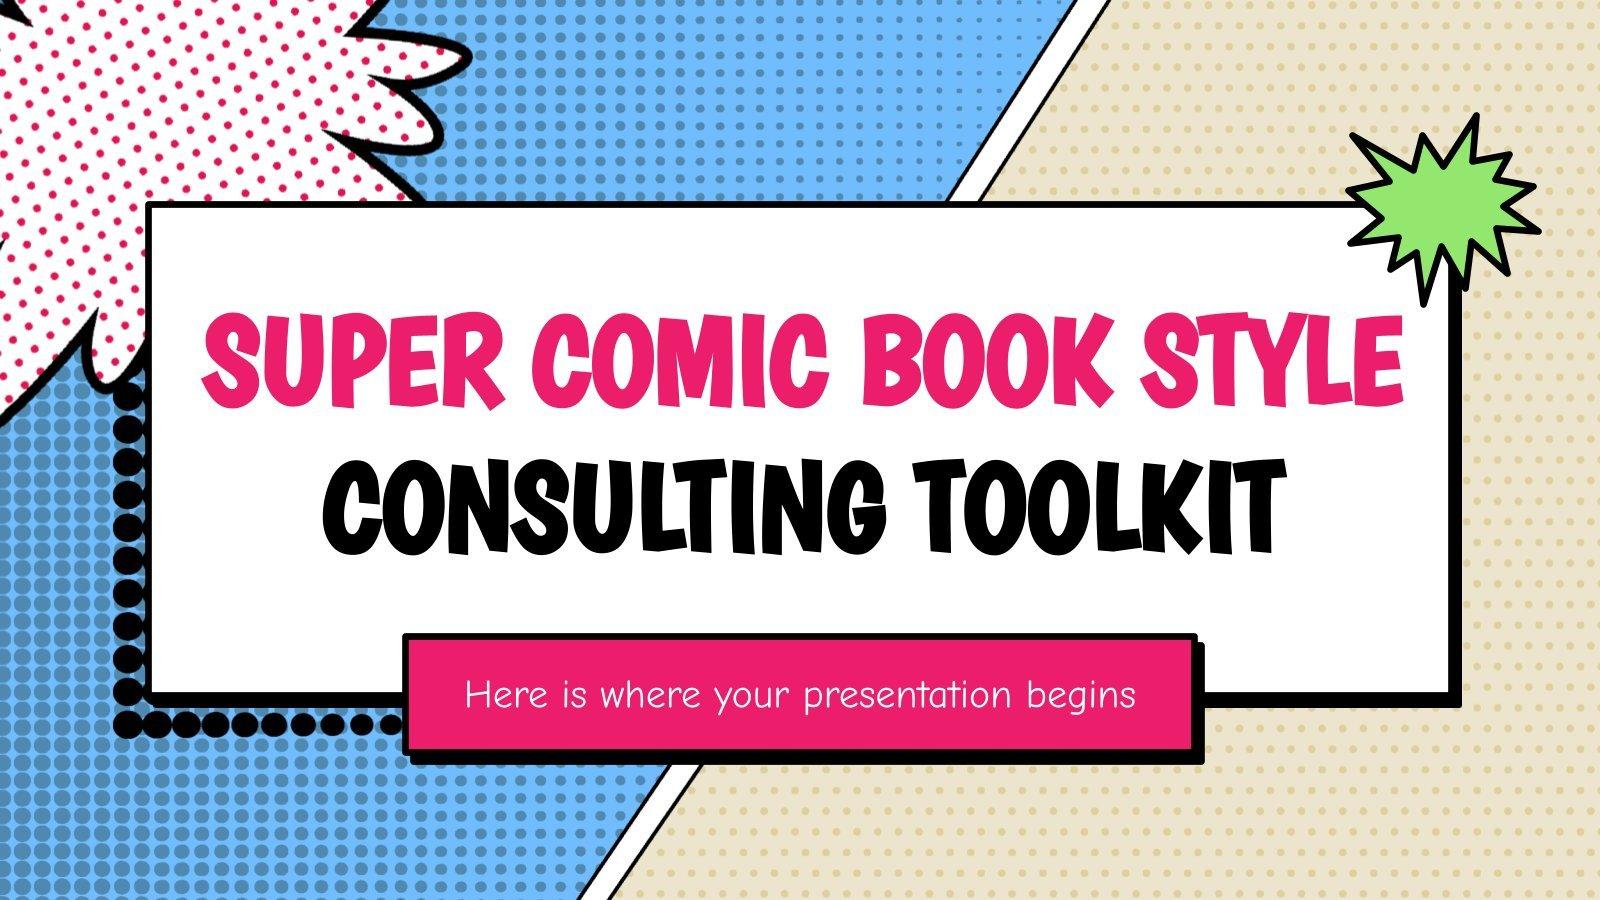 Boîte à outils de consultation sur le style des bandes dessinées : Modèles de présentation